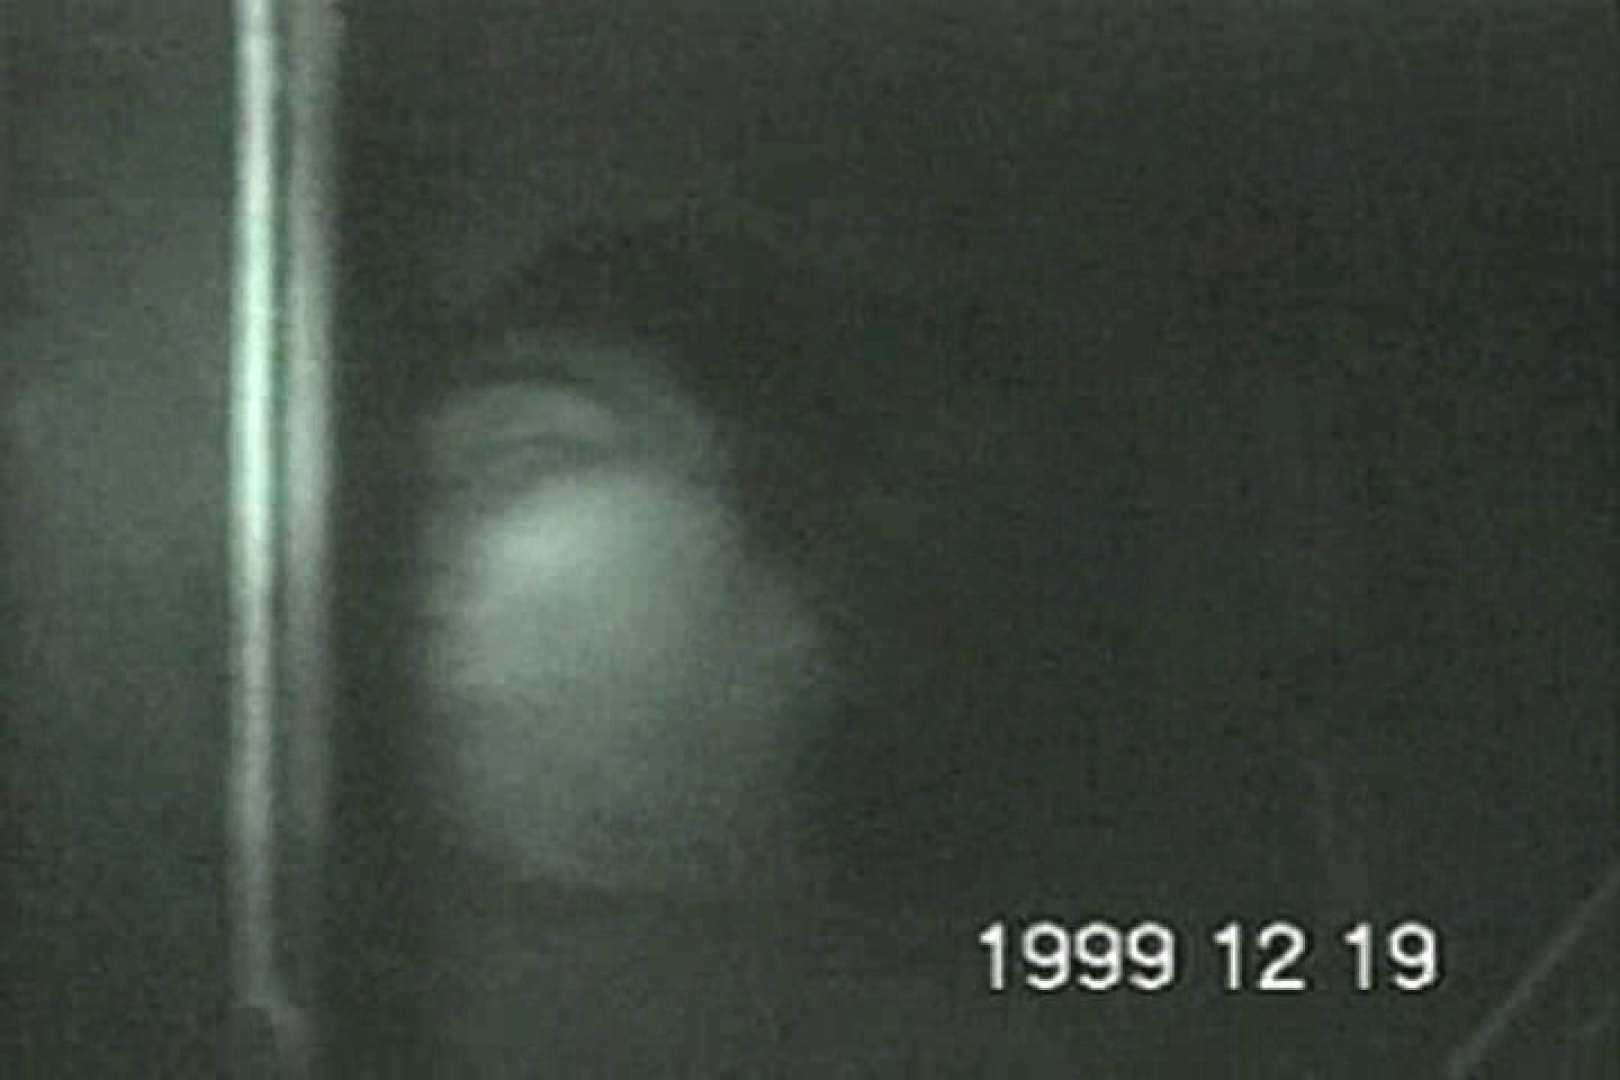 蔵出し!!赤外線カーセックスVol.12 美しいOLの裸体 すけべAV動画紹介 70pic 37